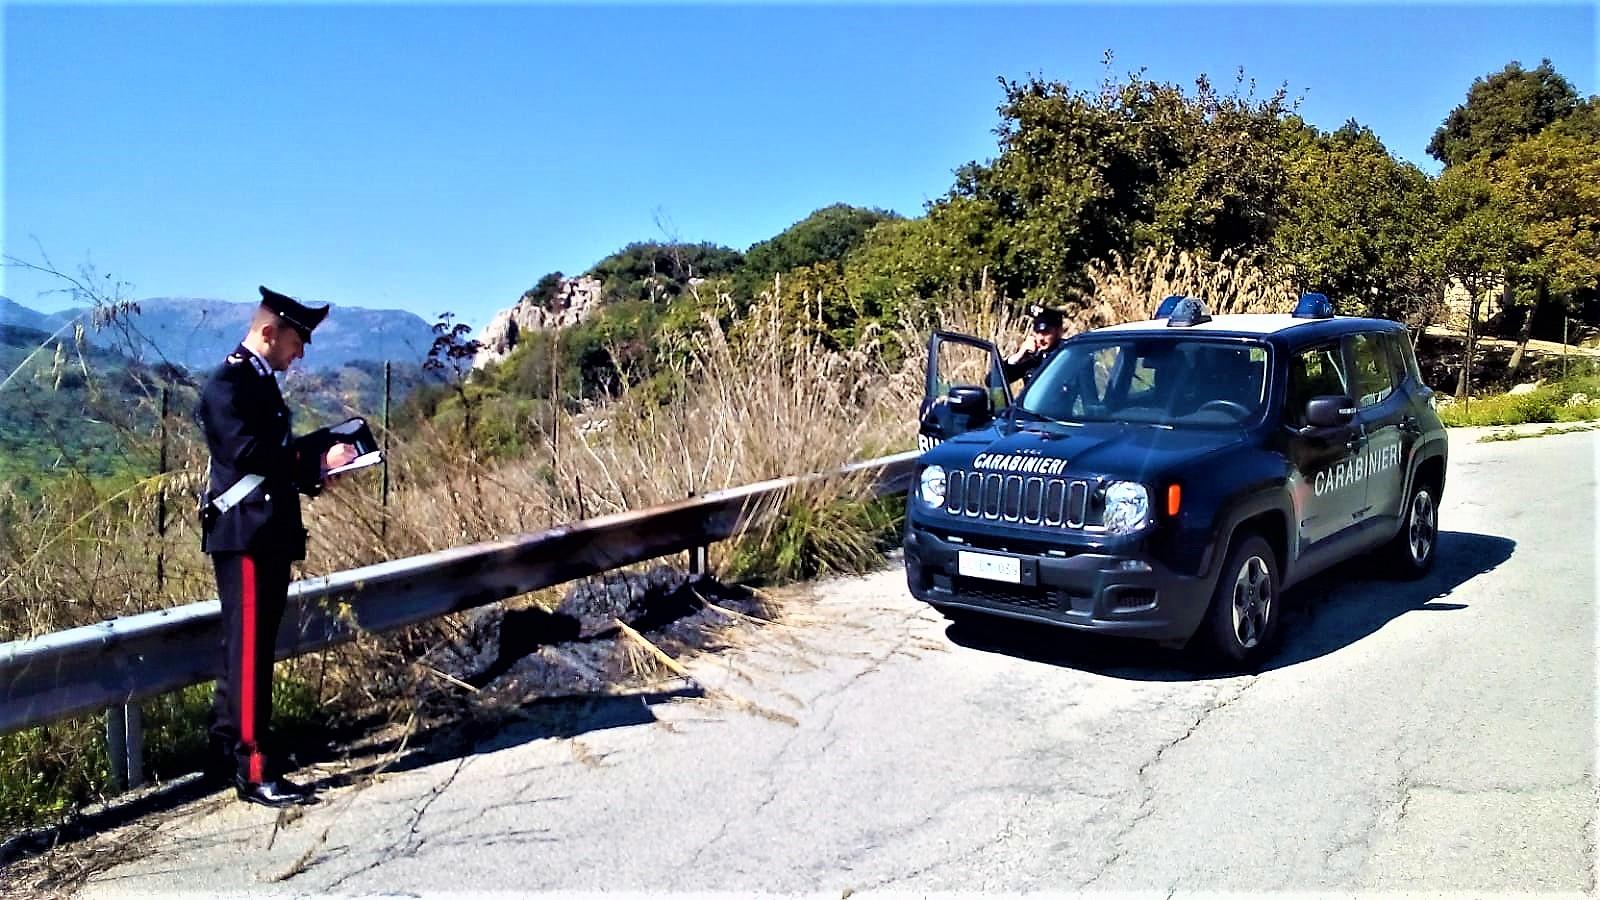 Appicca incendio nella riserva naturale: carabinieri arrestano piromane